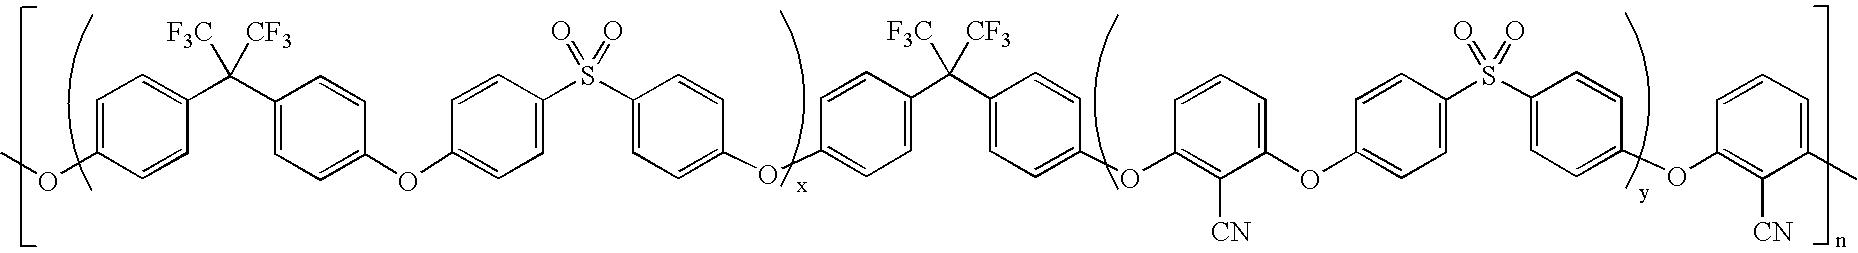 Figure US07695628-20100413-C00011